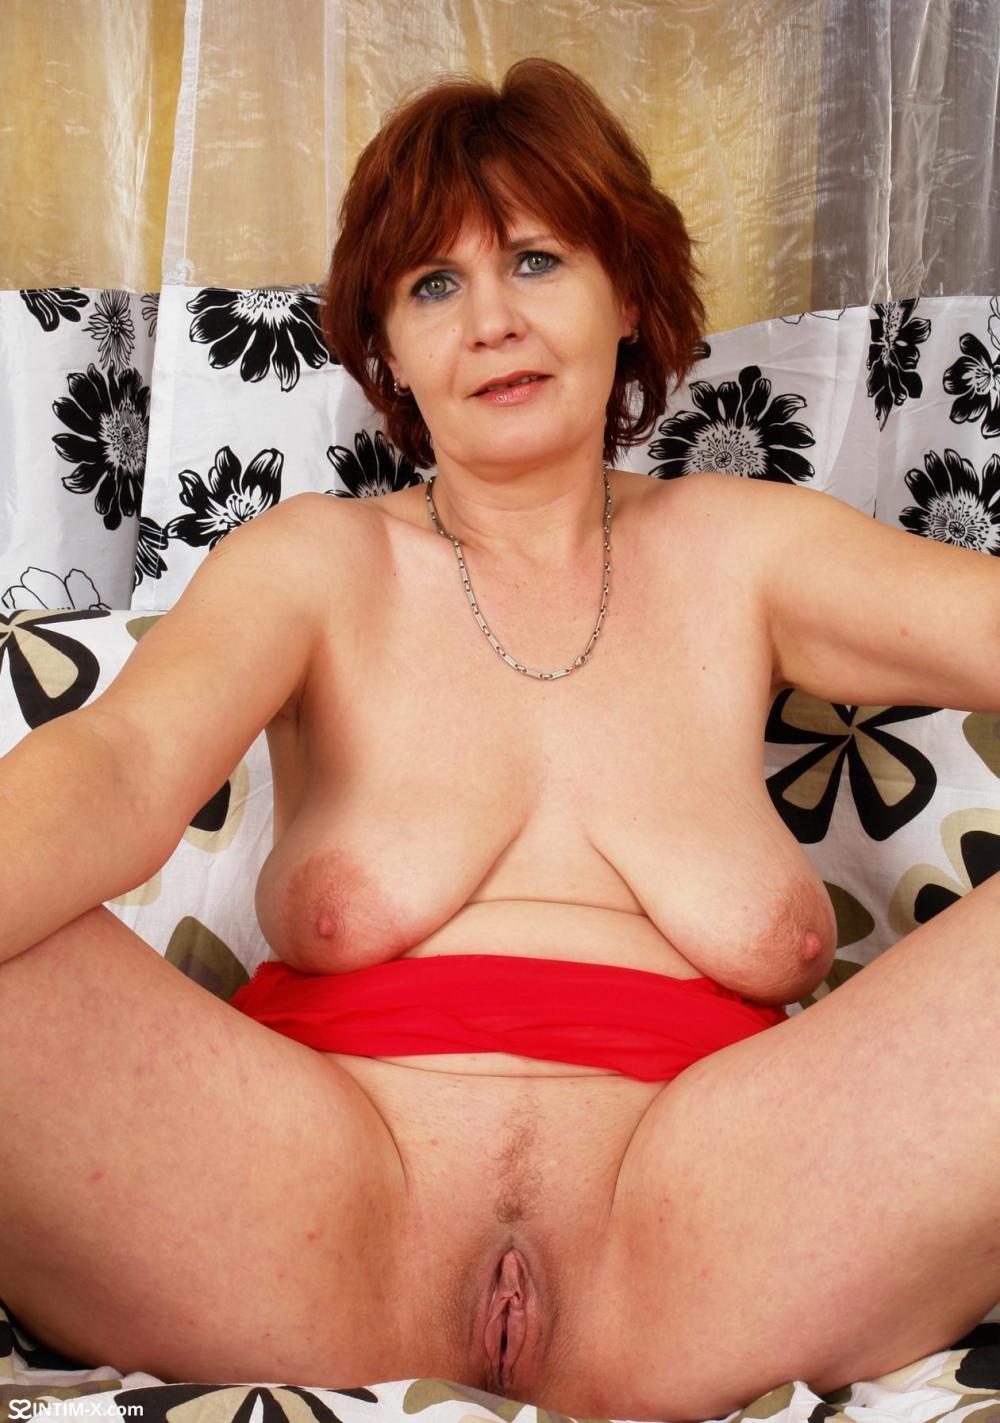 Порно фото голых зрелых женщин брюнетка с короткой стрижкой сидит на попе, сиськи висят, ноги широко раздвинула показывает свою бритую пизду